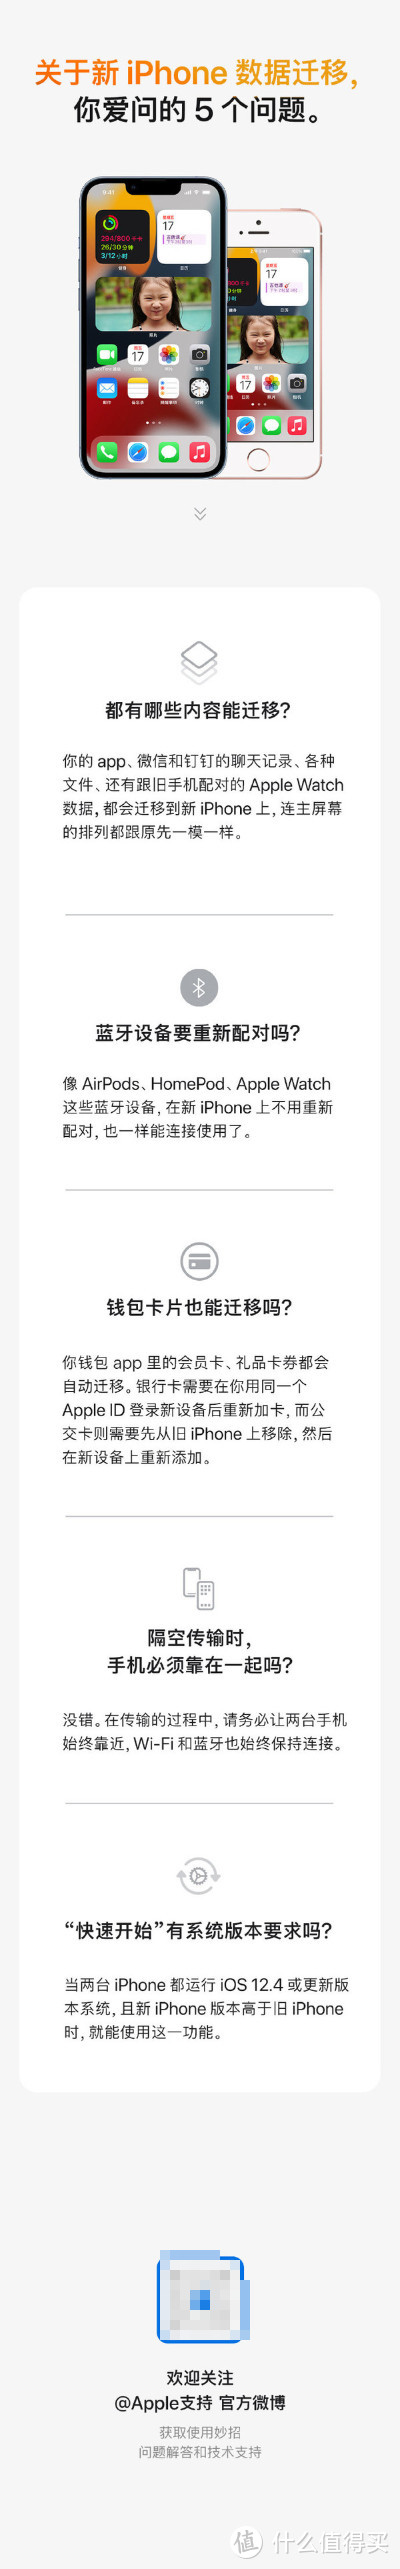 新 iPhone 到手了?一图看懂官方迁移数据教程